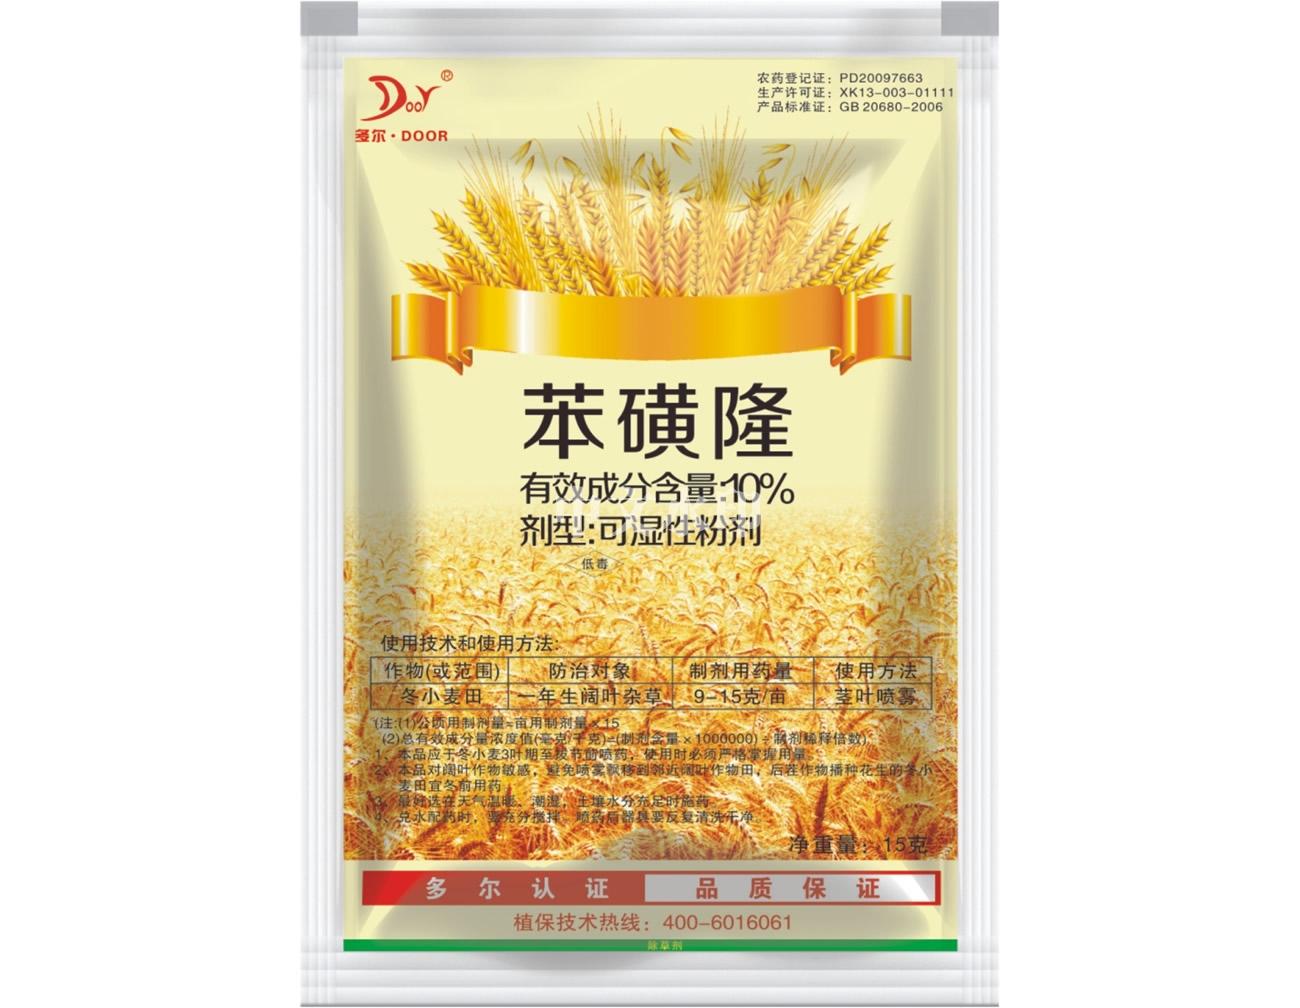 除草剂-小麦田除草剂 苯磺隆单剂